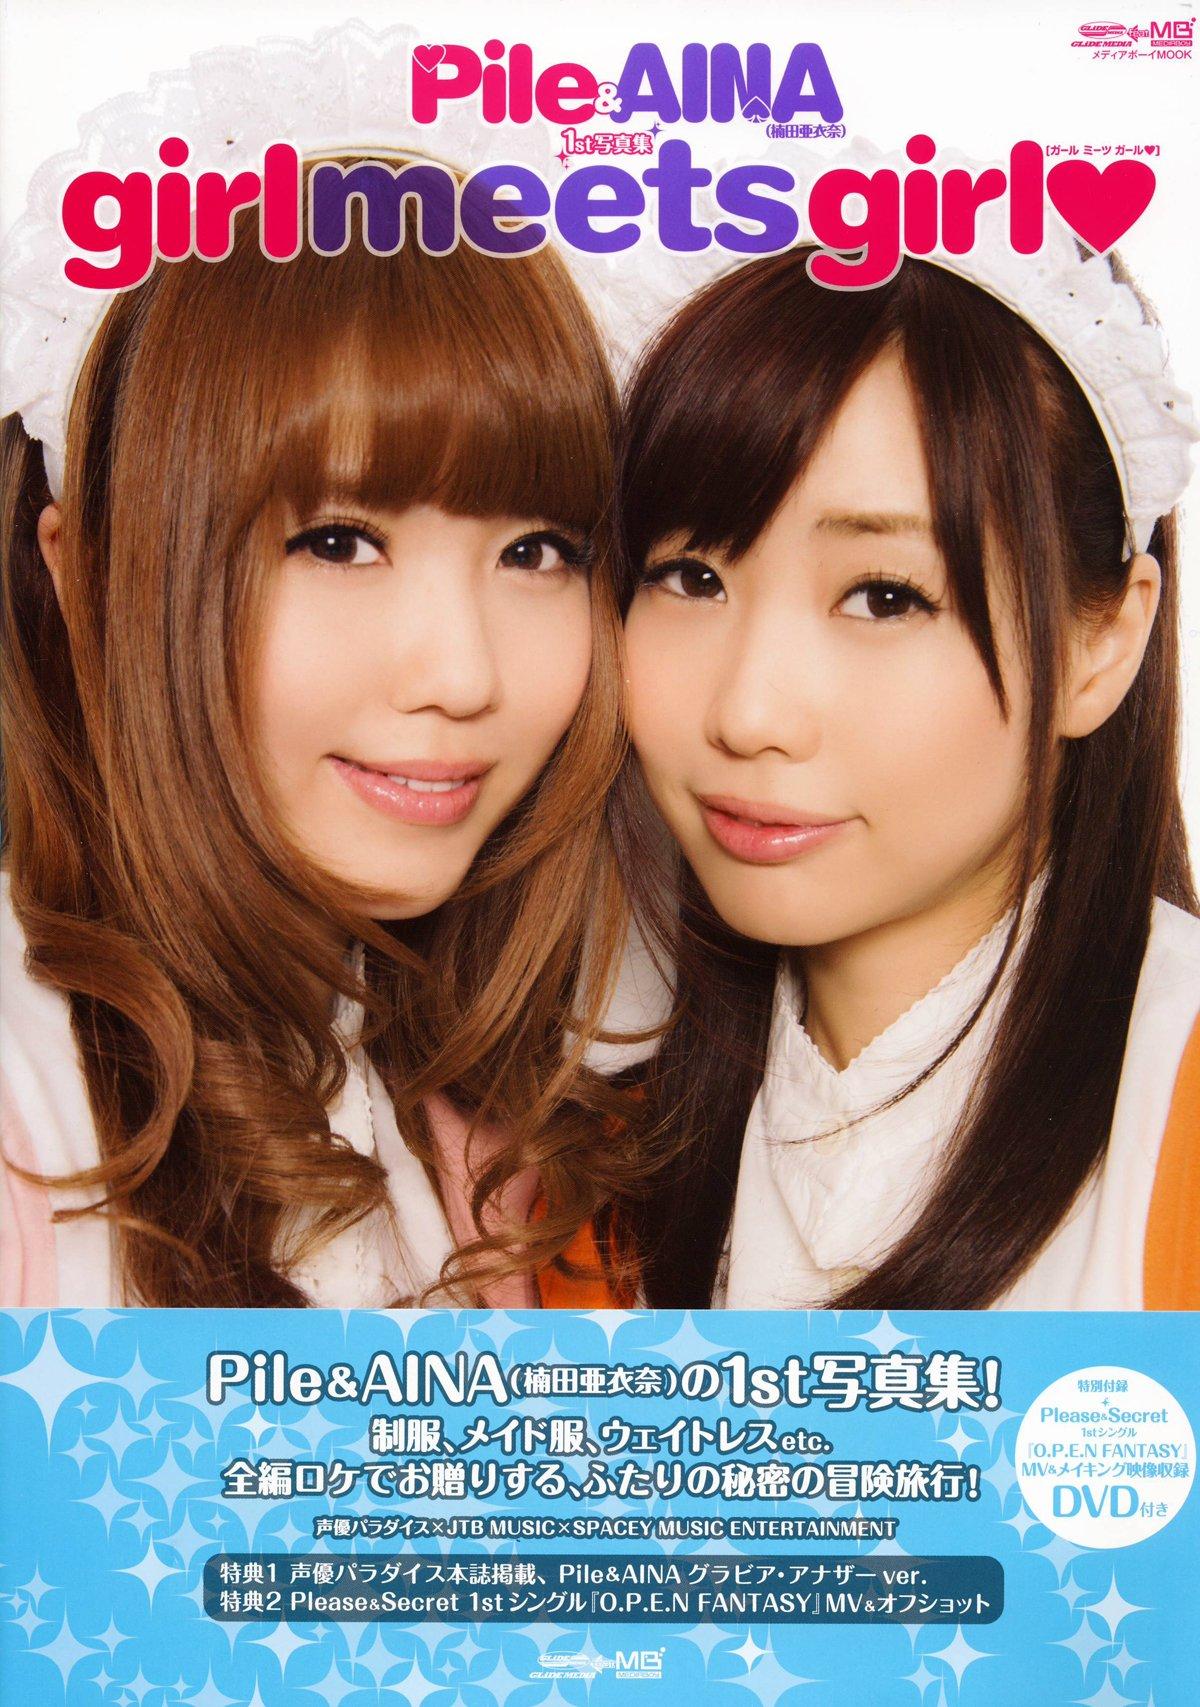 Pile&AINA 1st写真集 girl meets girl